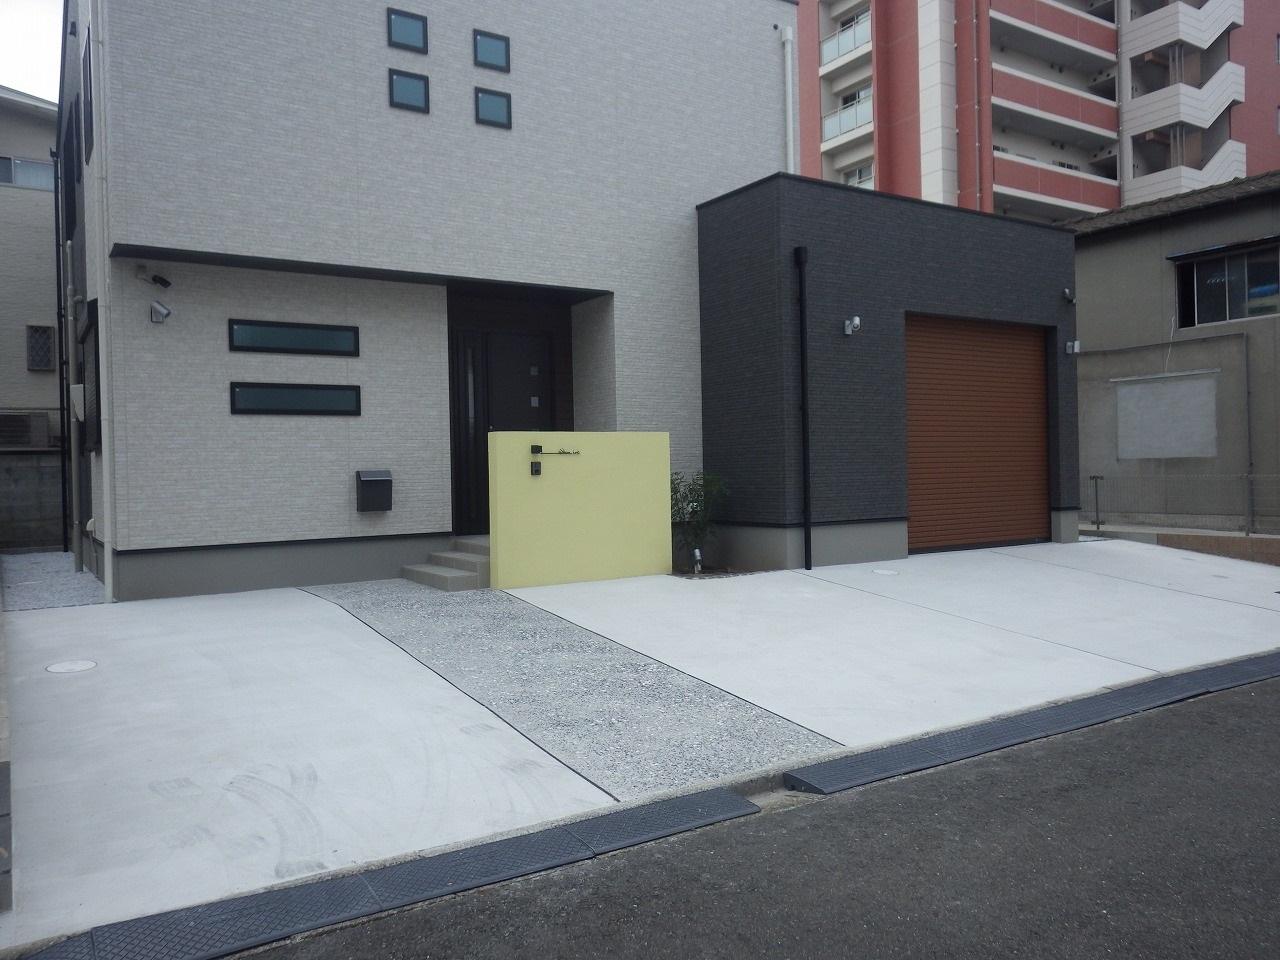 小倉北区 Y邸外構工事 駐車場、家の前の黄色い門柱を施工しました。